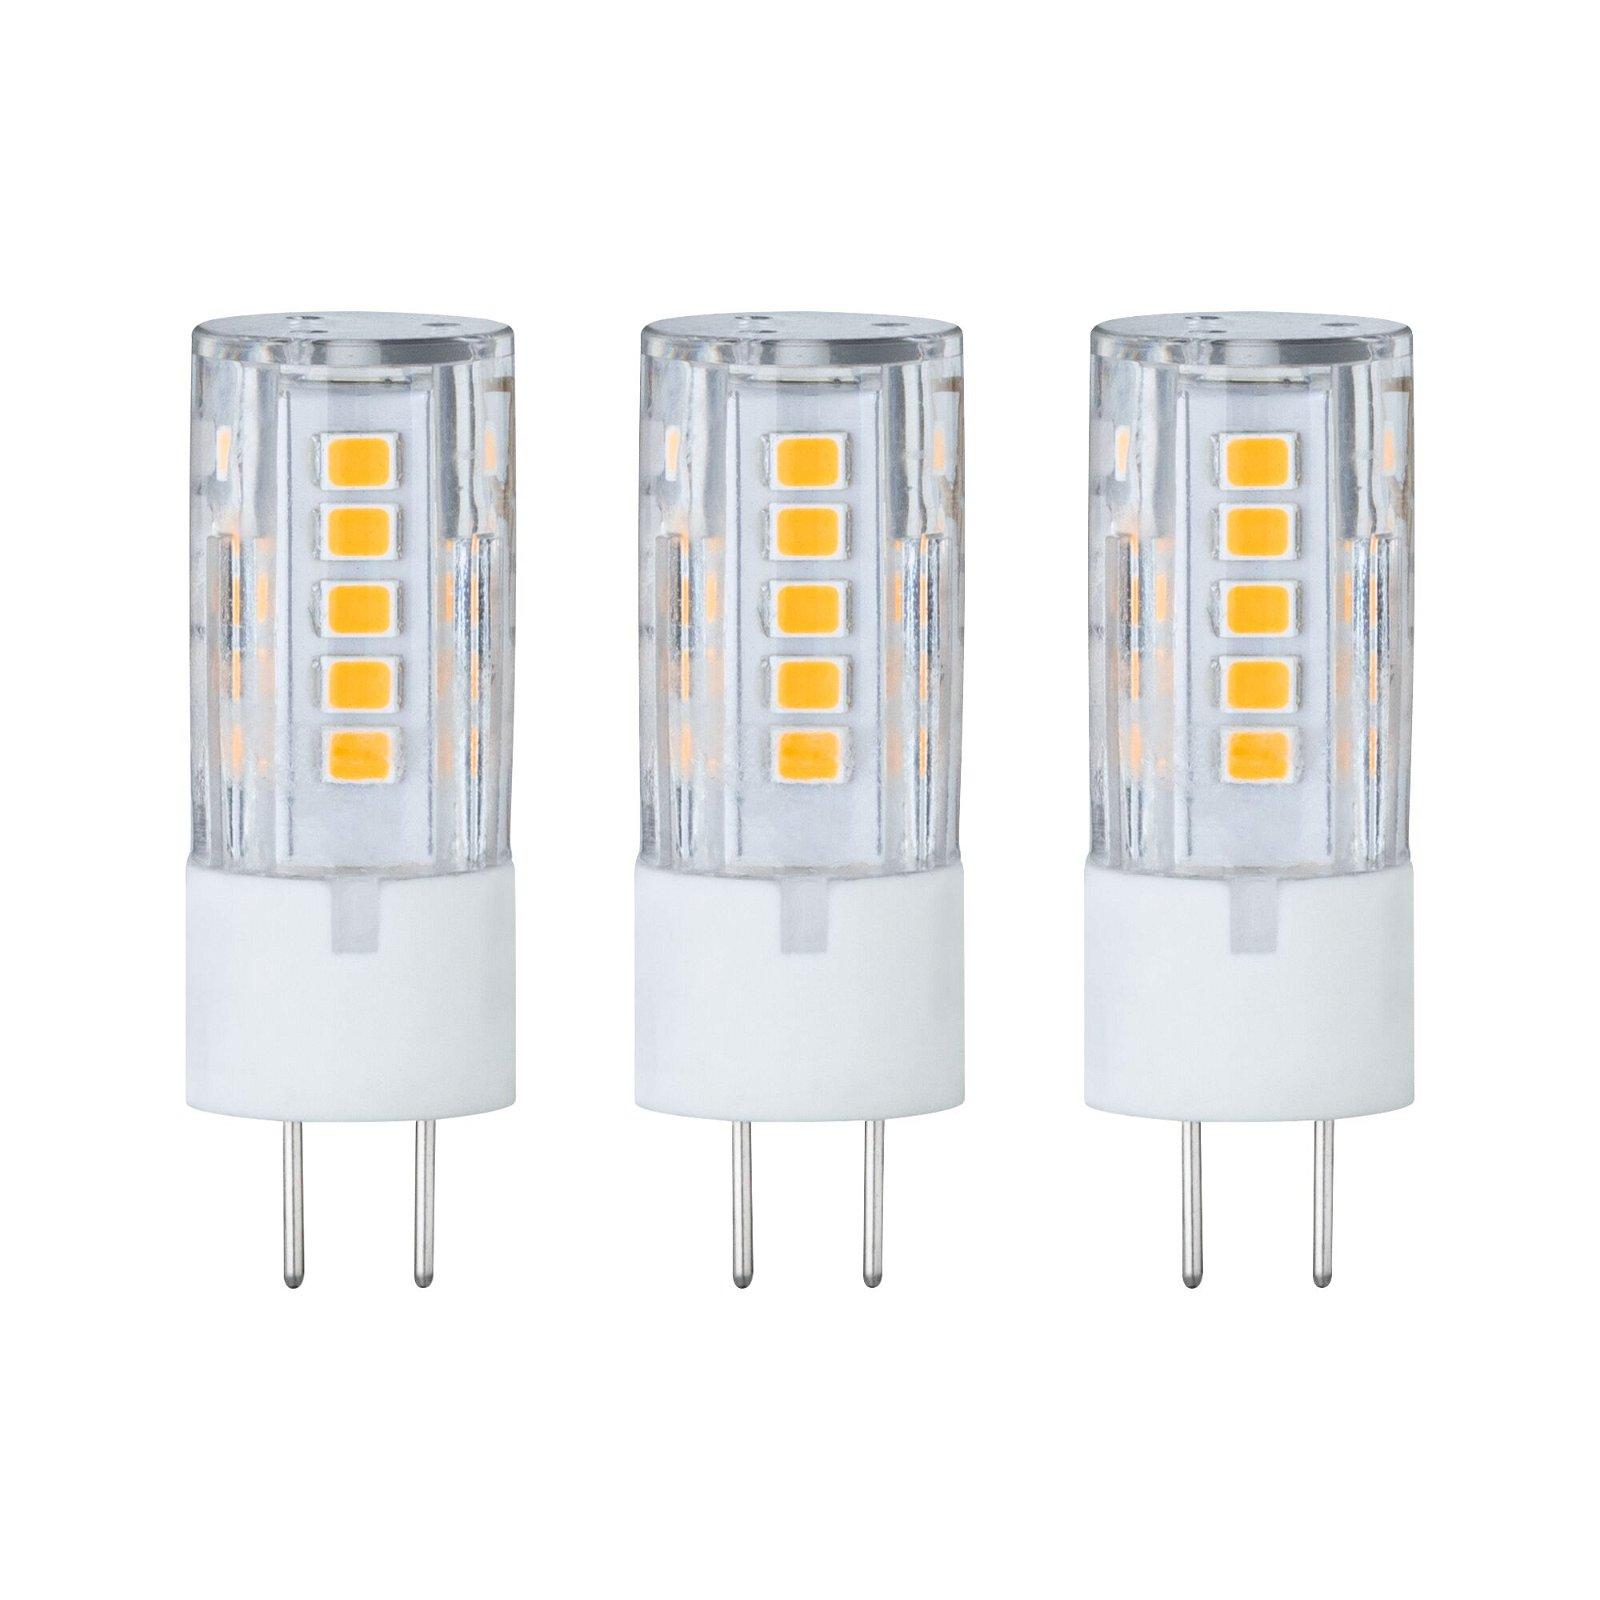 LED Stiftsockel GY6,35 12V 3x300lm 3x3,5W 2700K Klar